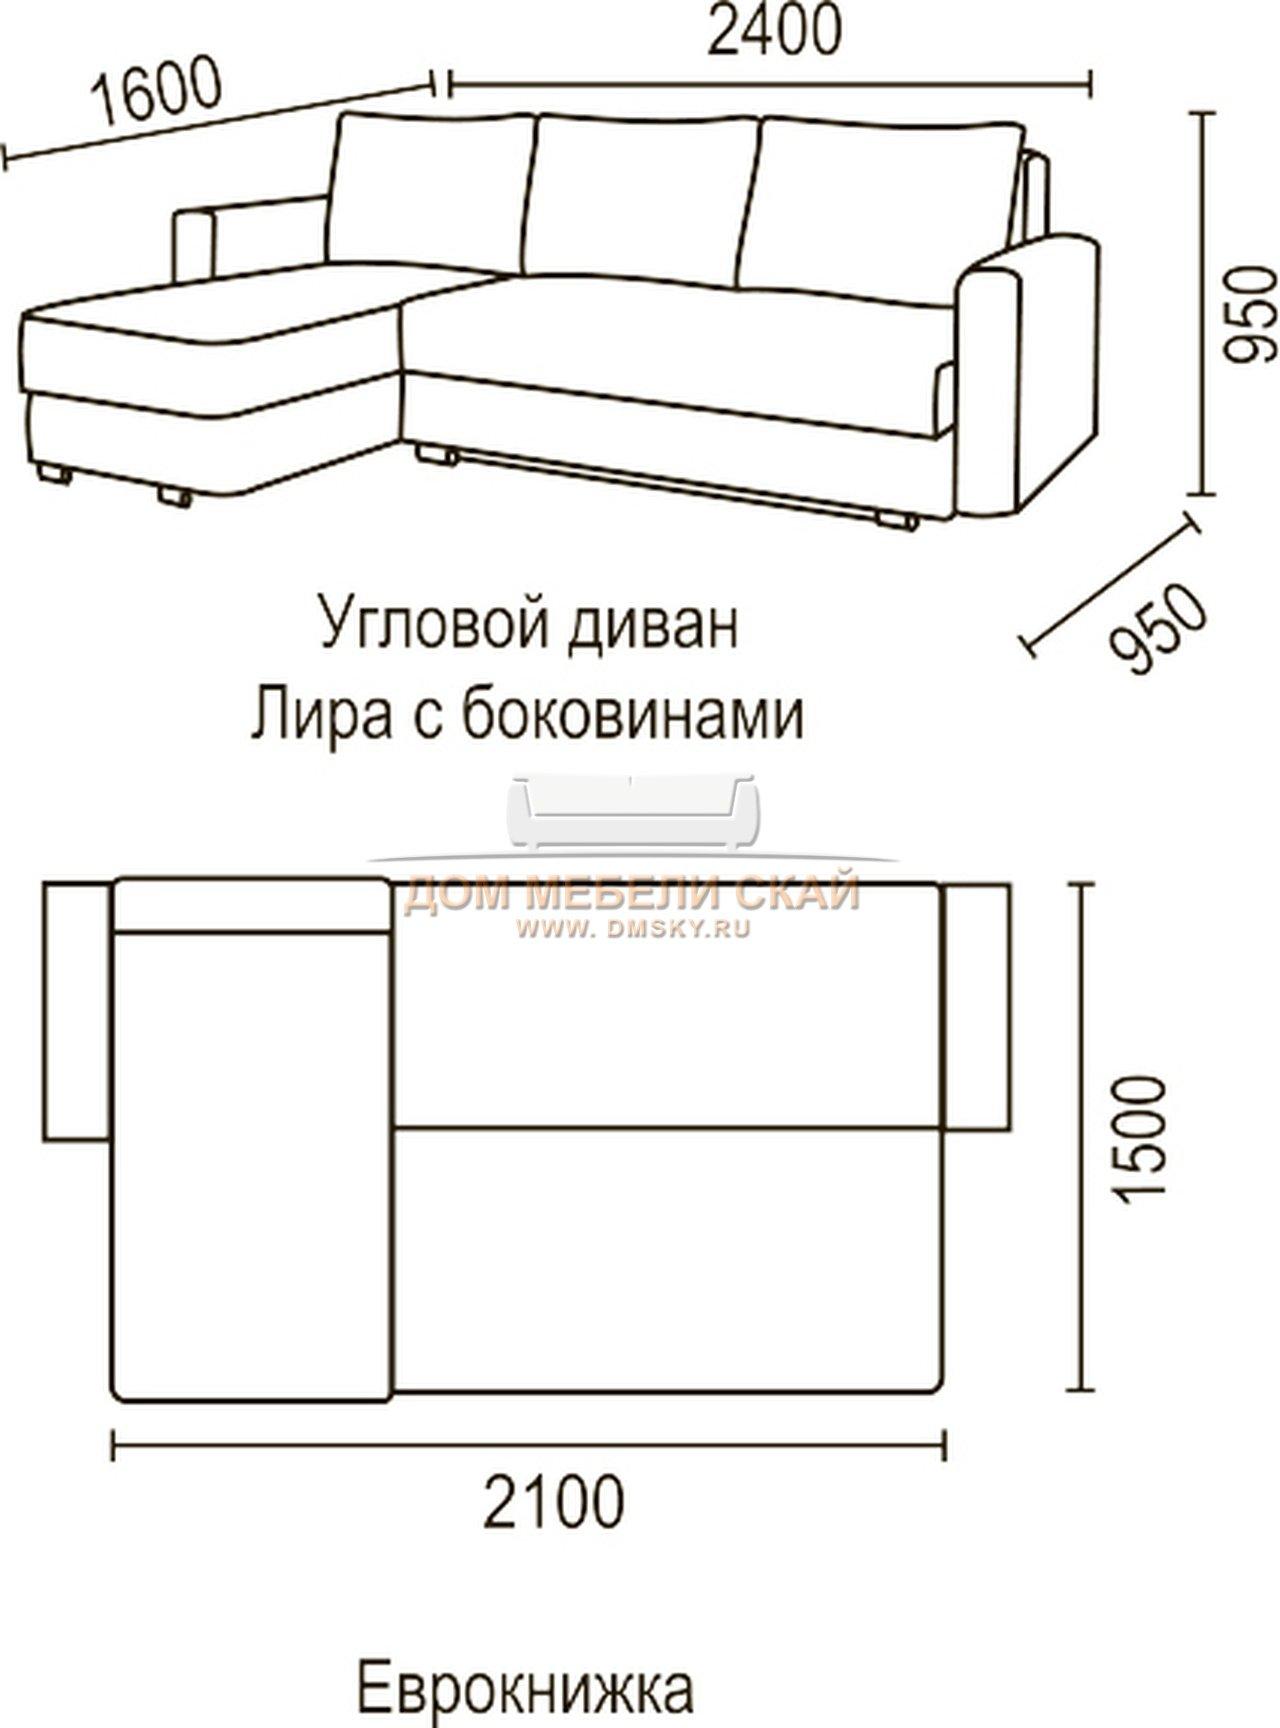 Схема углового дивана еврокнижка